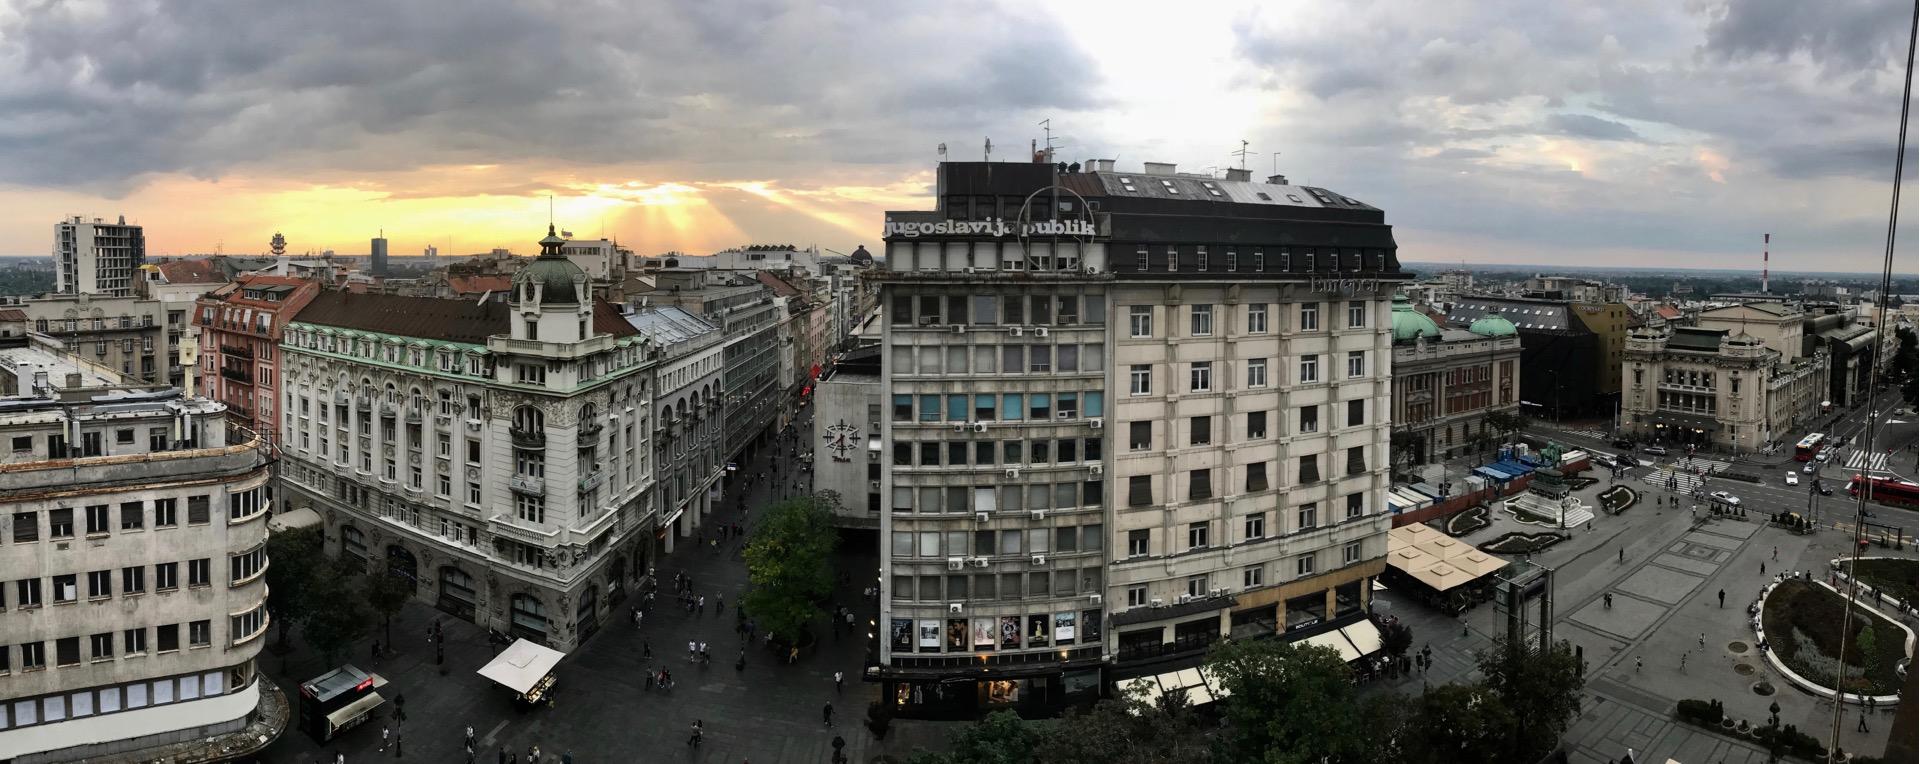 Viejo Belgrado